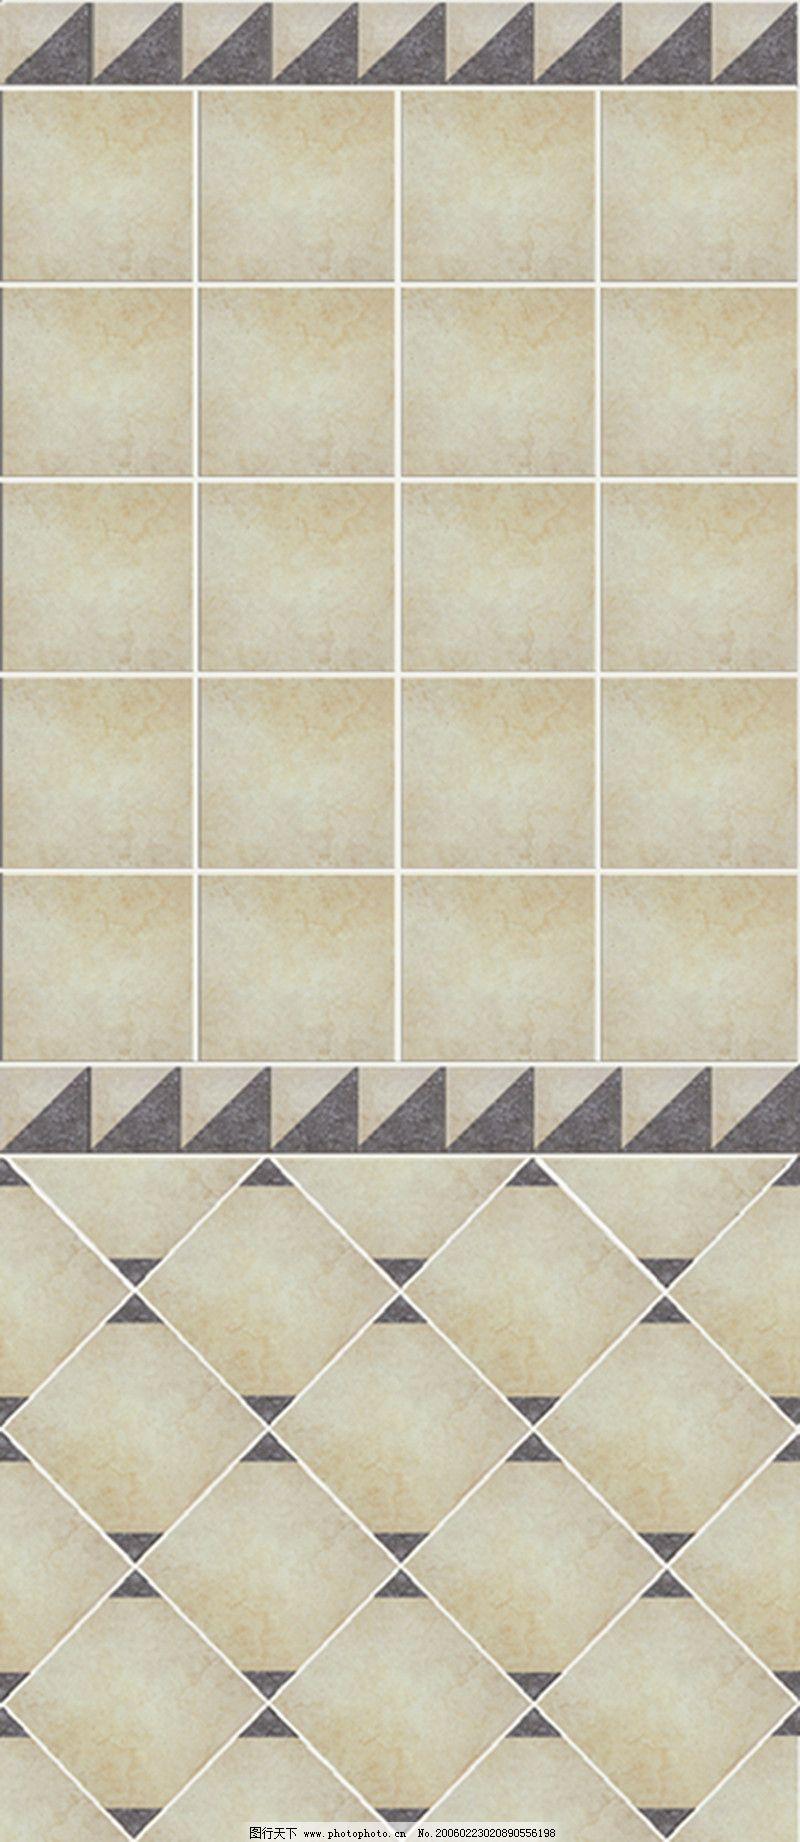 意大利风格瓷砖0057 欧洲古典风格图片